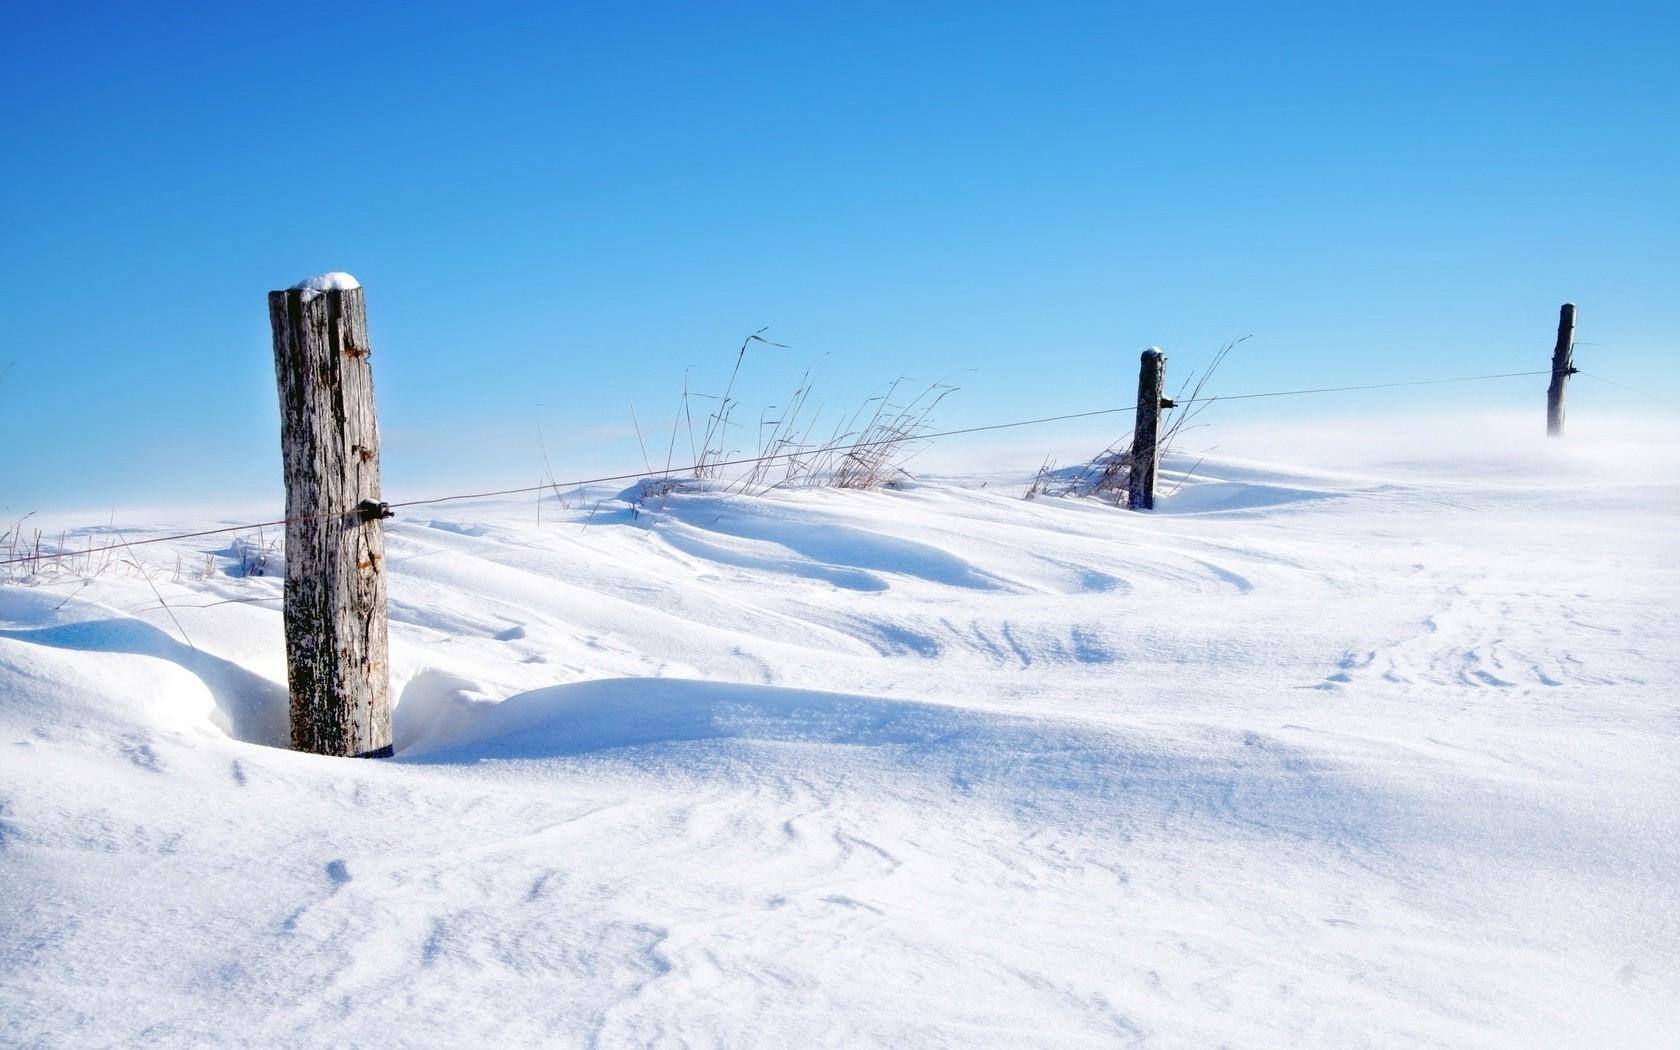 Nieve - 1680x1050